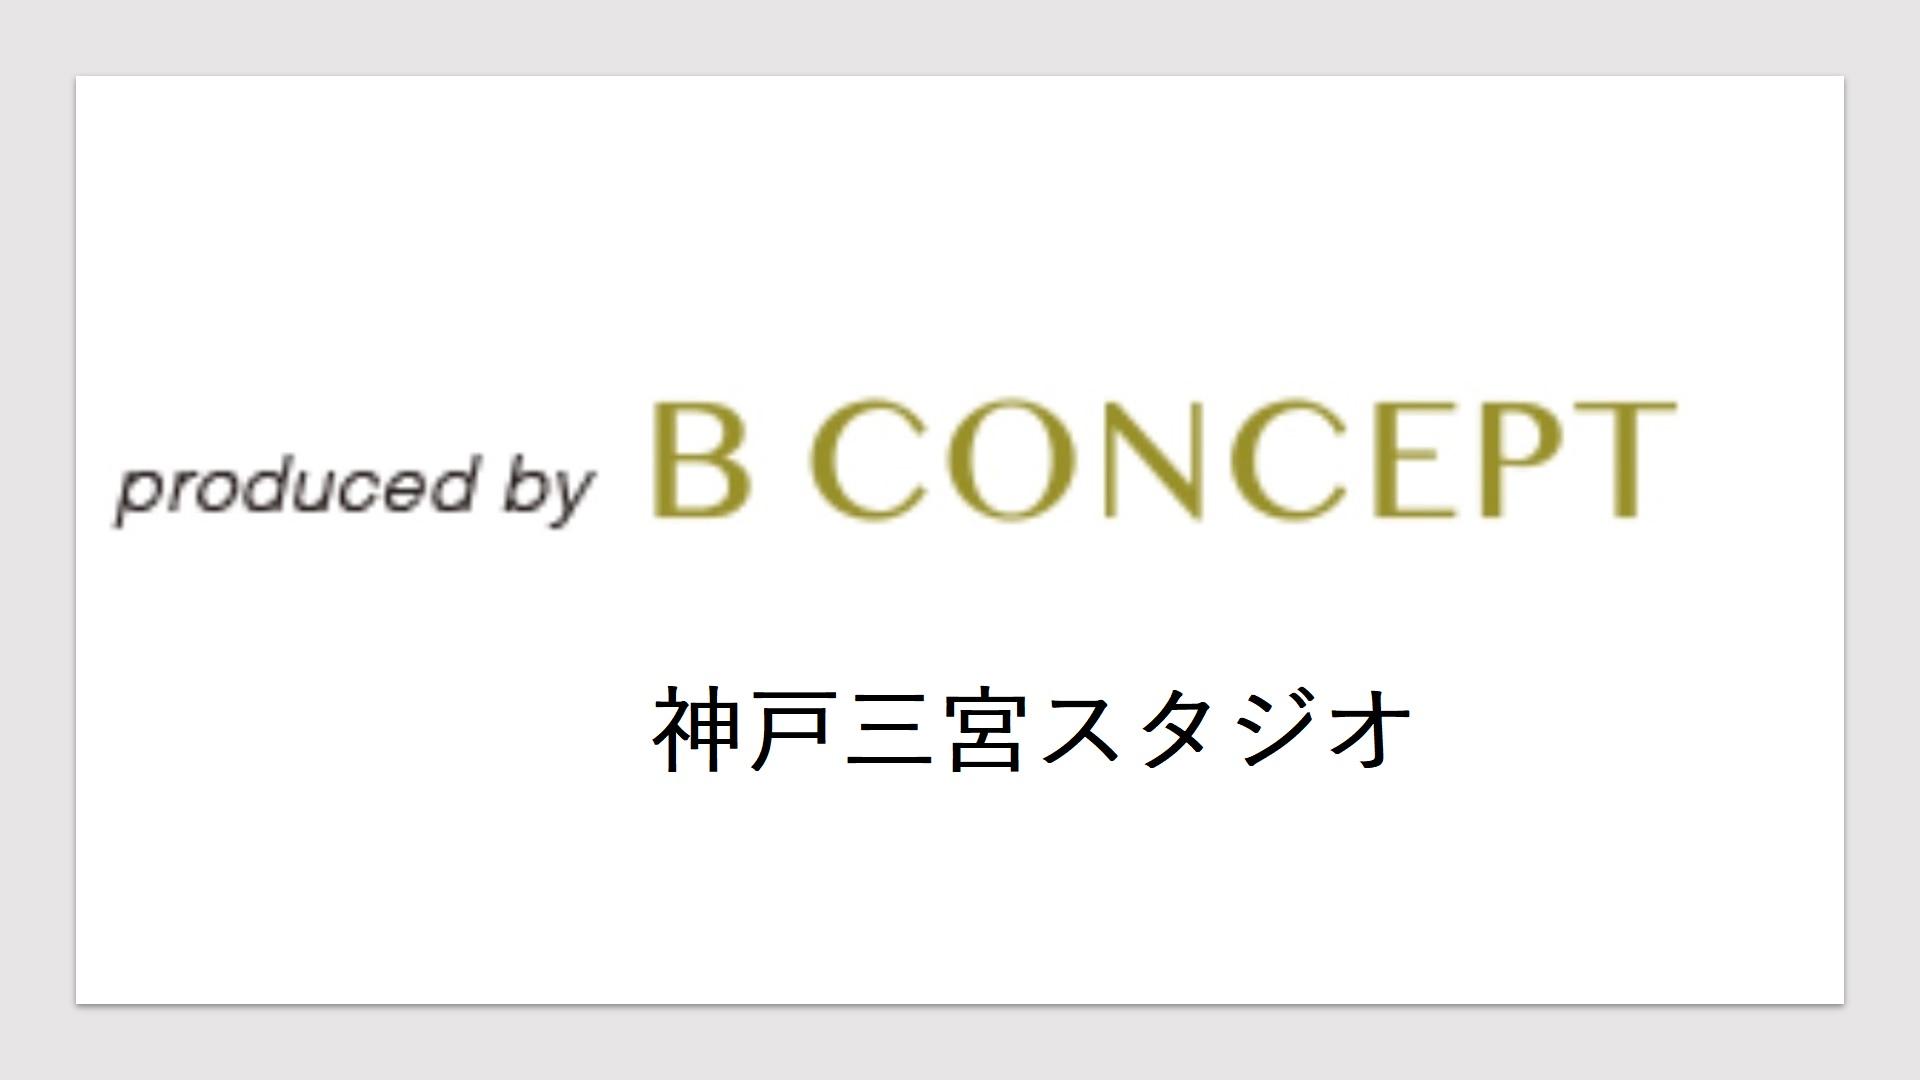 ビーコンセプト(神戸三宮スタジオ)